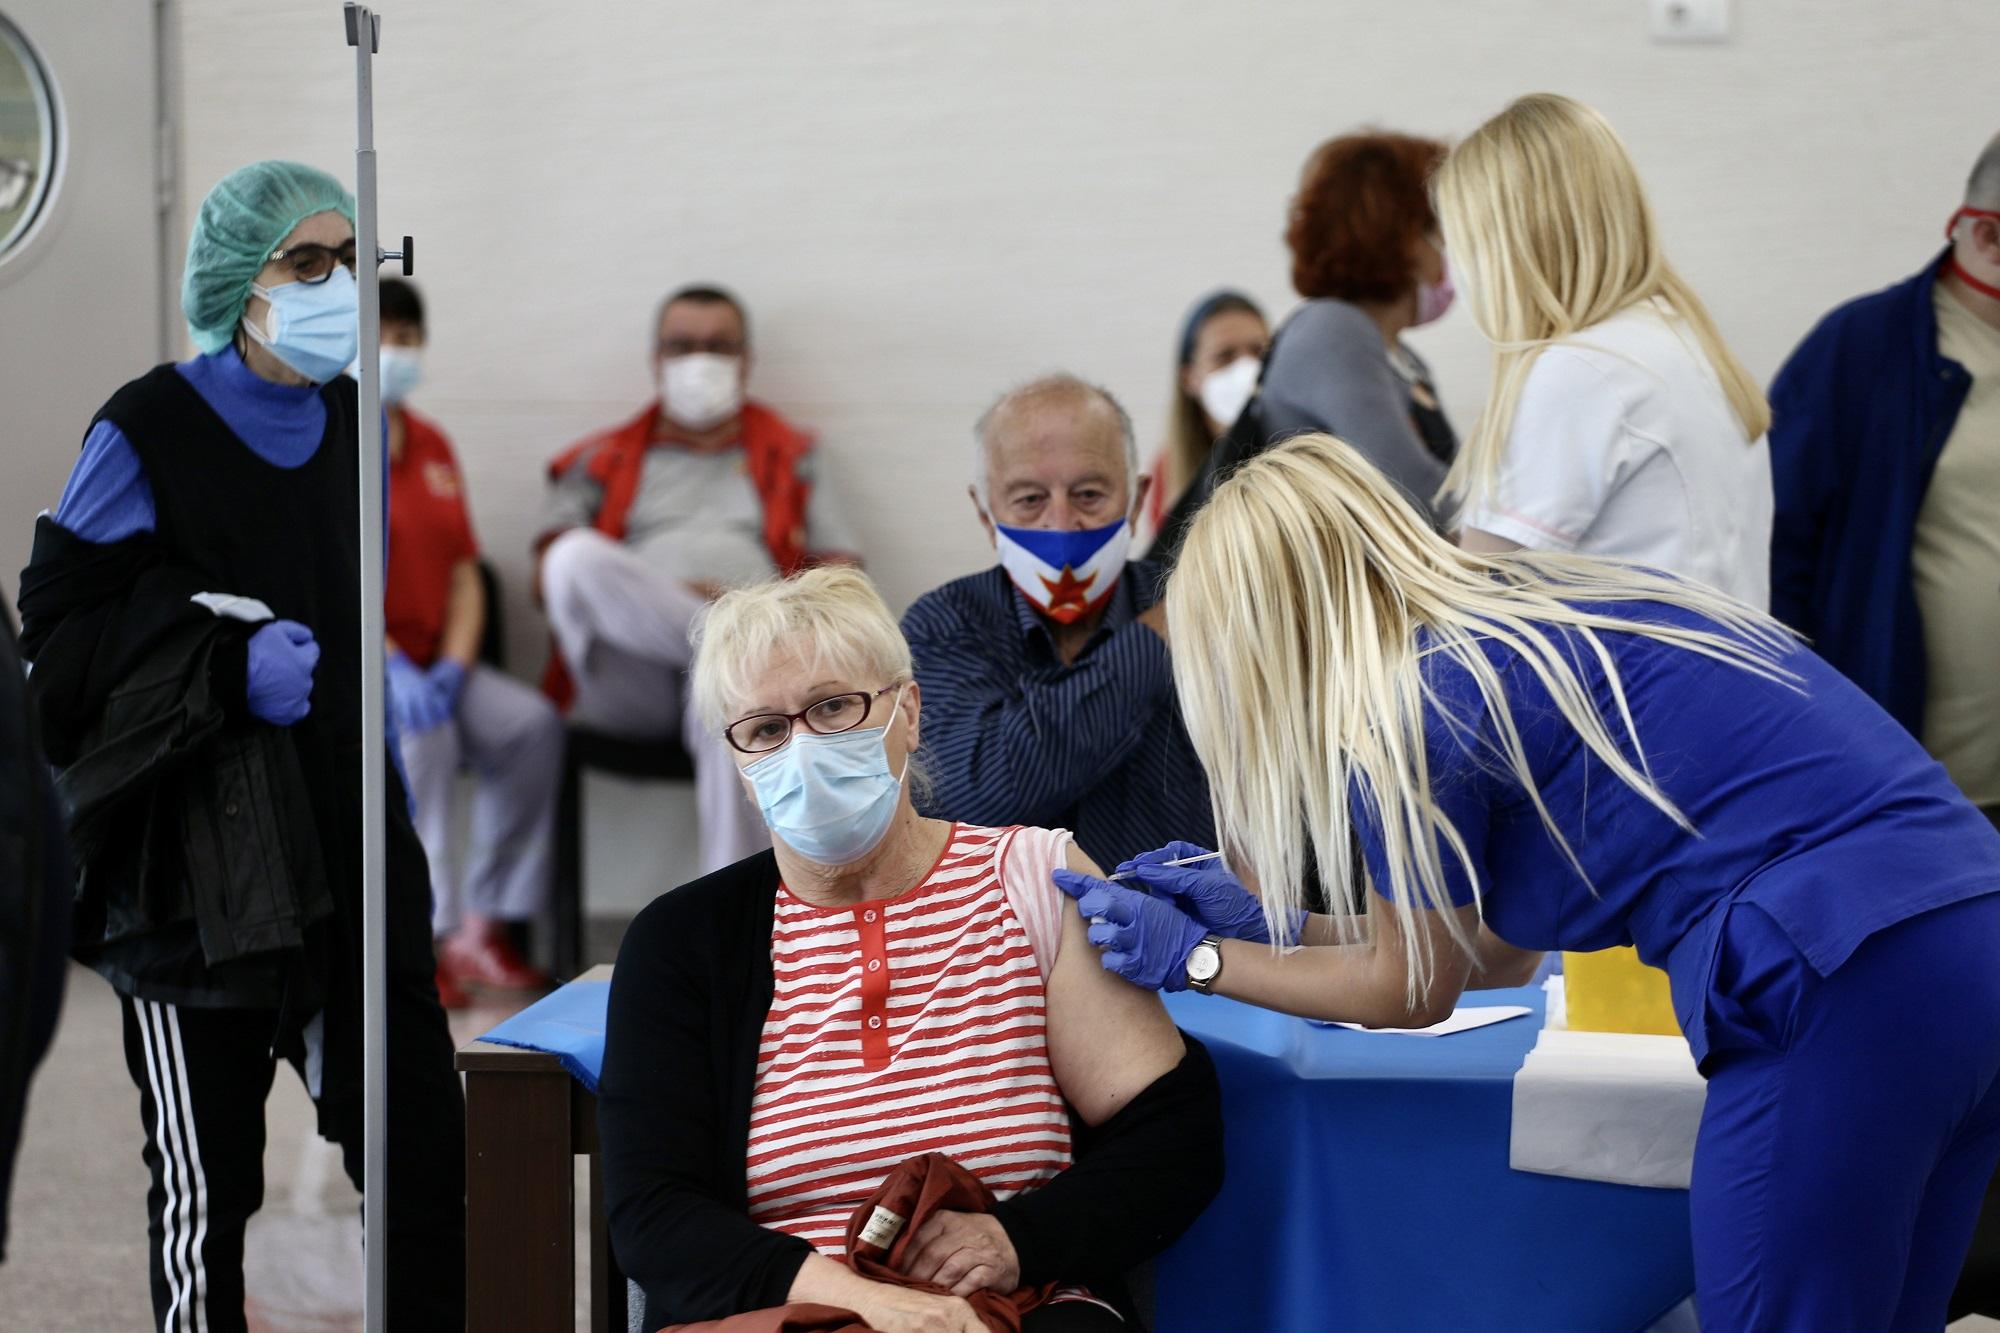 (FOTO) STANDARD NA PUNKTOVIMA ZA VAKCINACIJU: Redovi za vakcine, građani mogu da biraju proizvođača